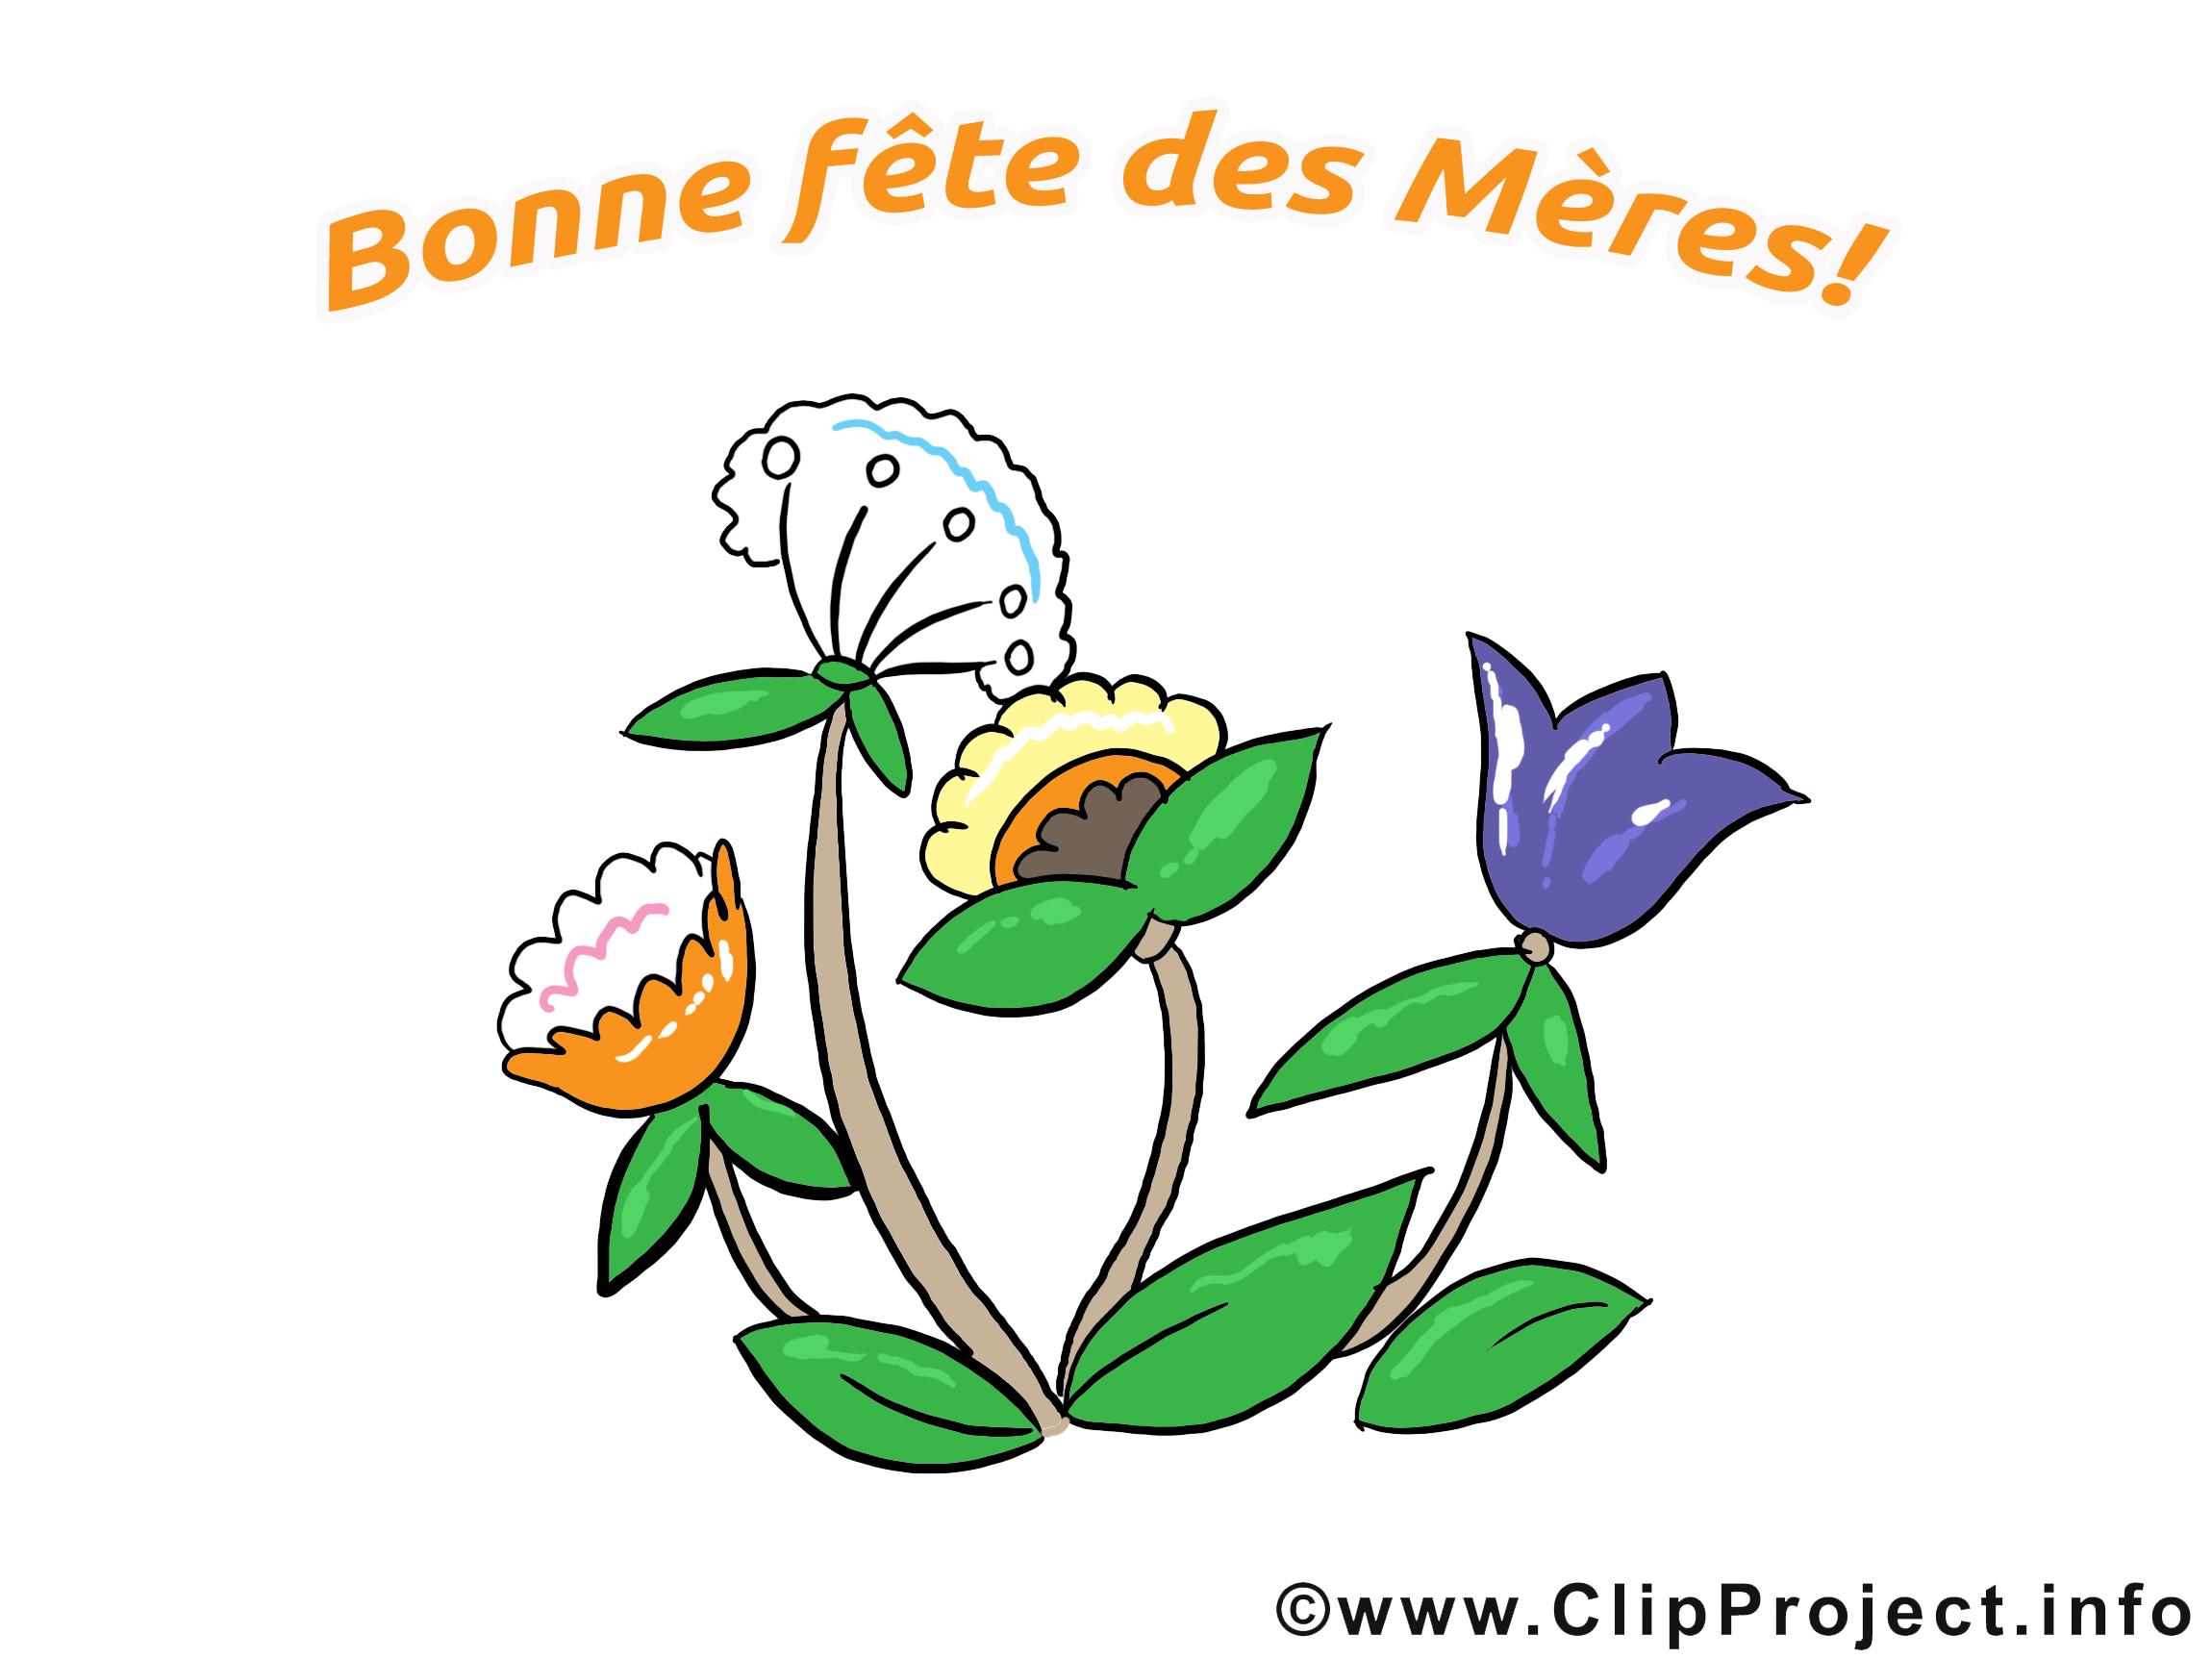 Fleurs image – Fête des Mères images cliparts